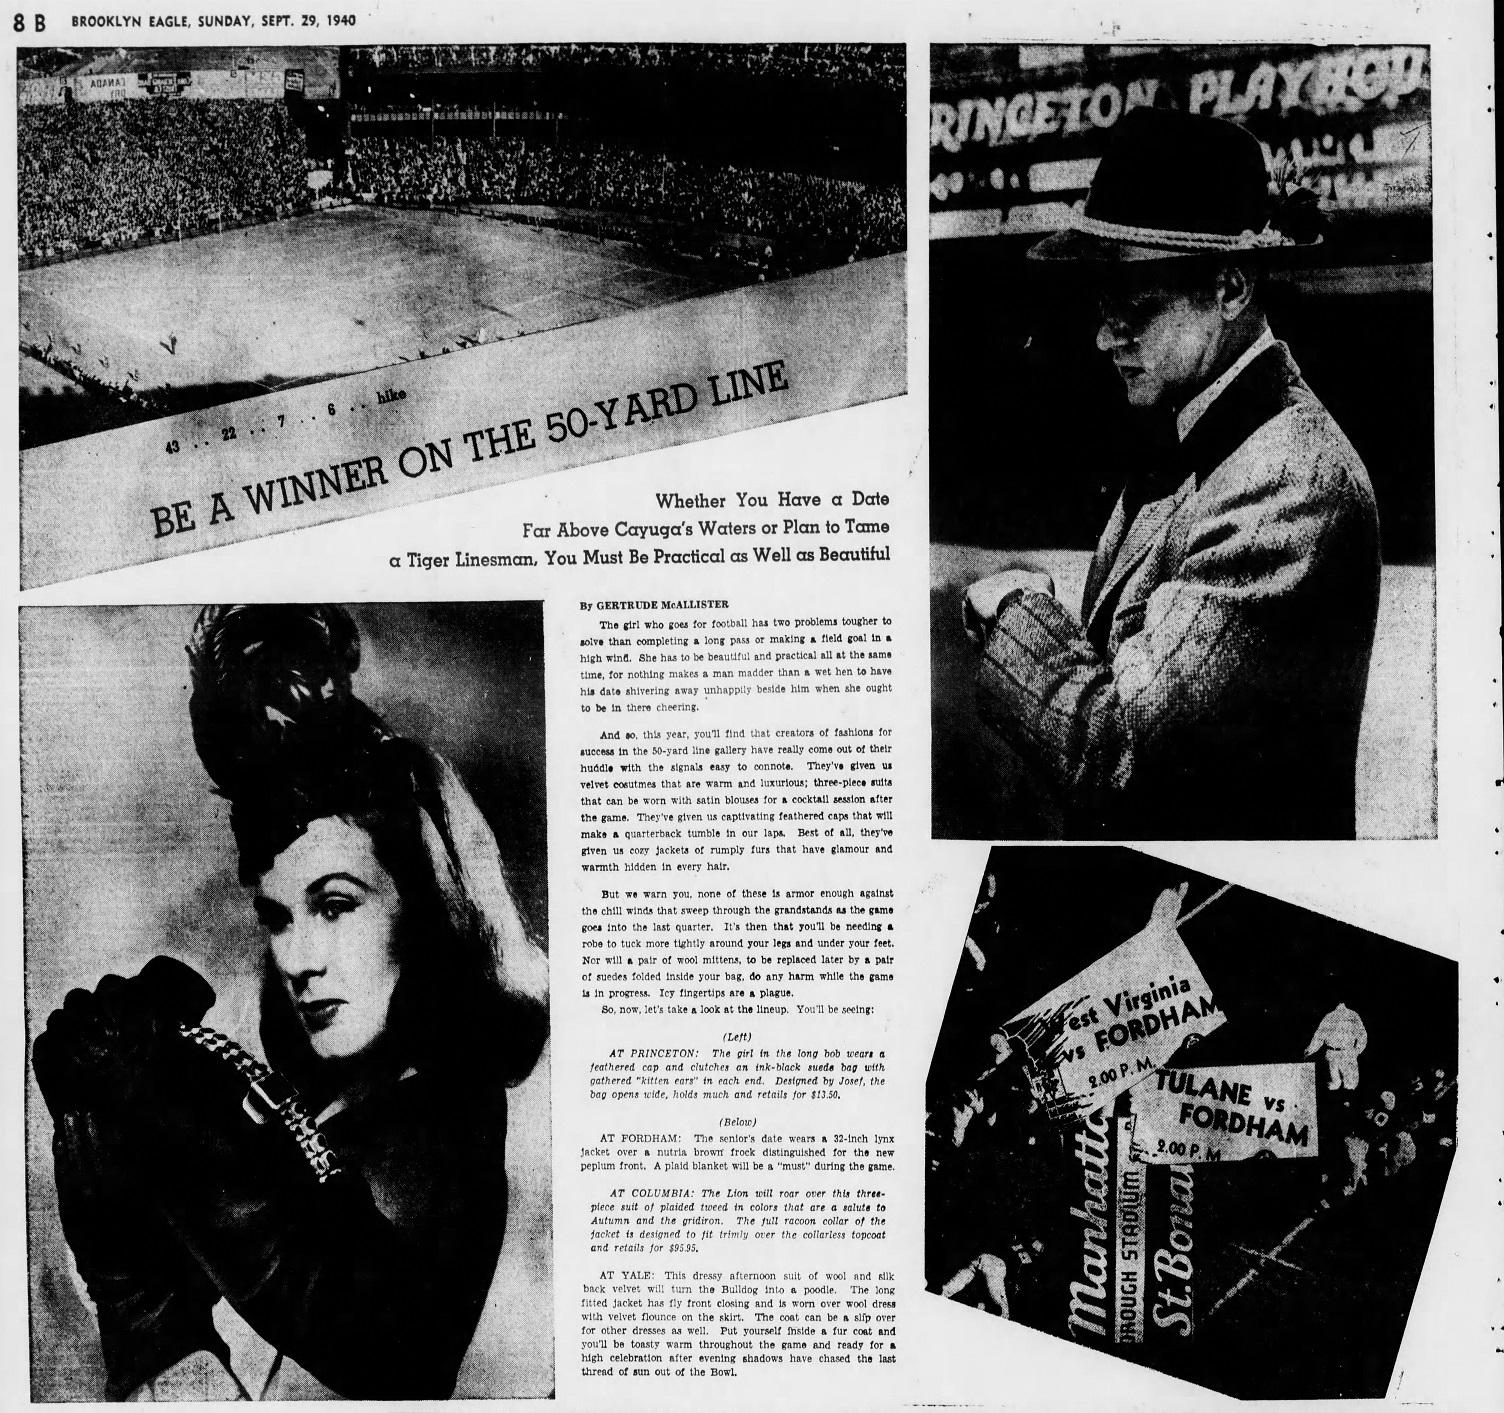 The_Brooklyn_Daily_Eagle_Sun__Sep_29__1940_(1).jpg